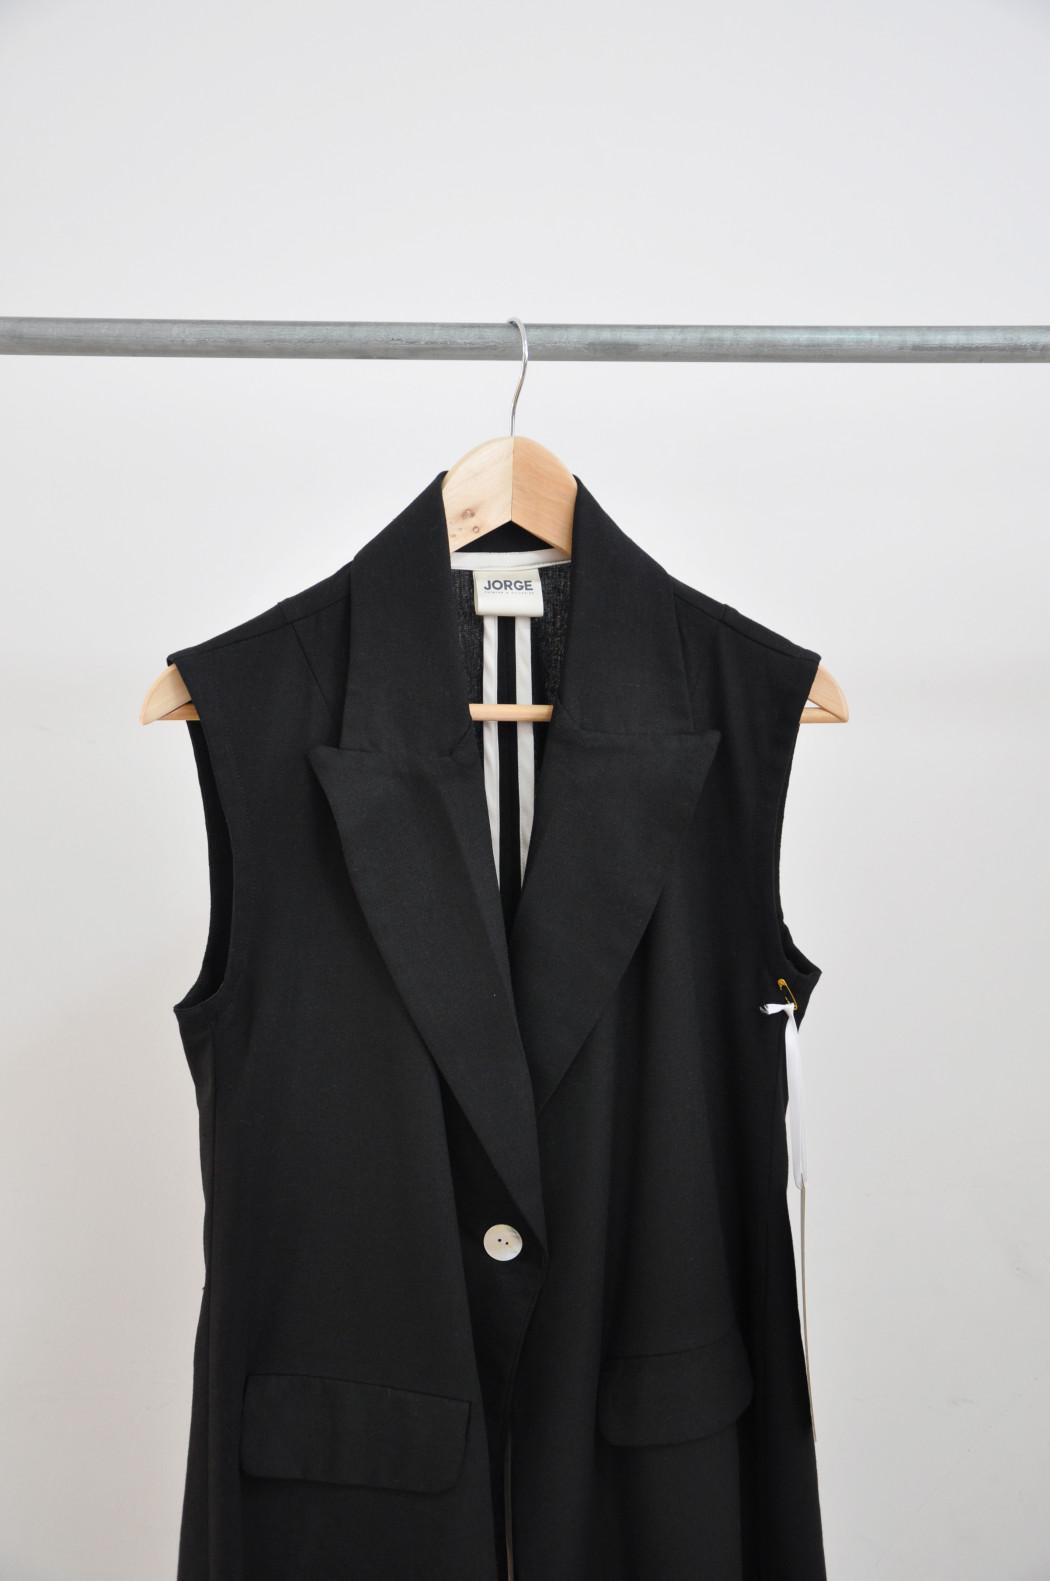 Jorge Fashion & Tailoring